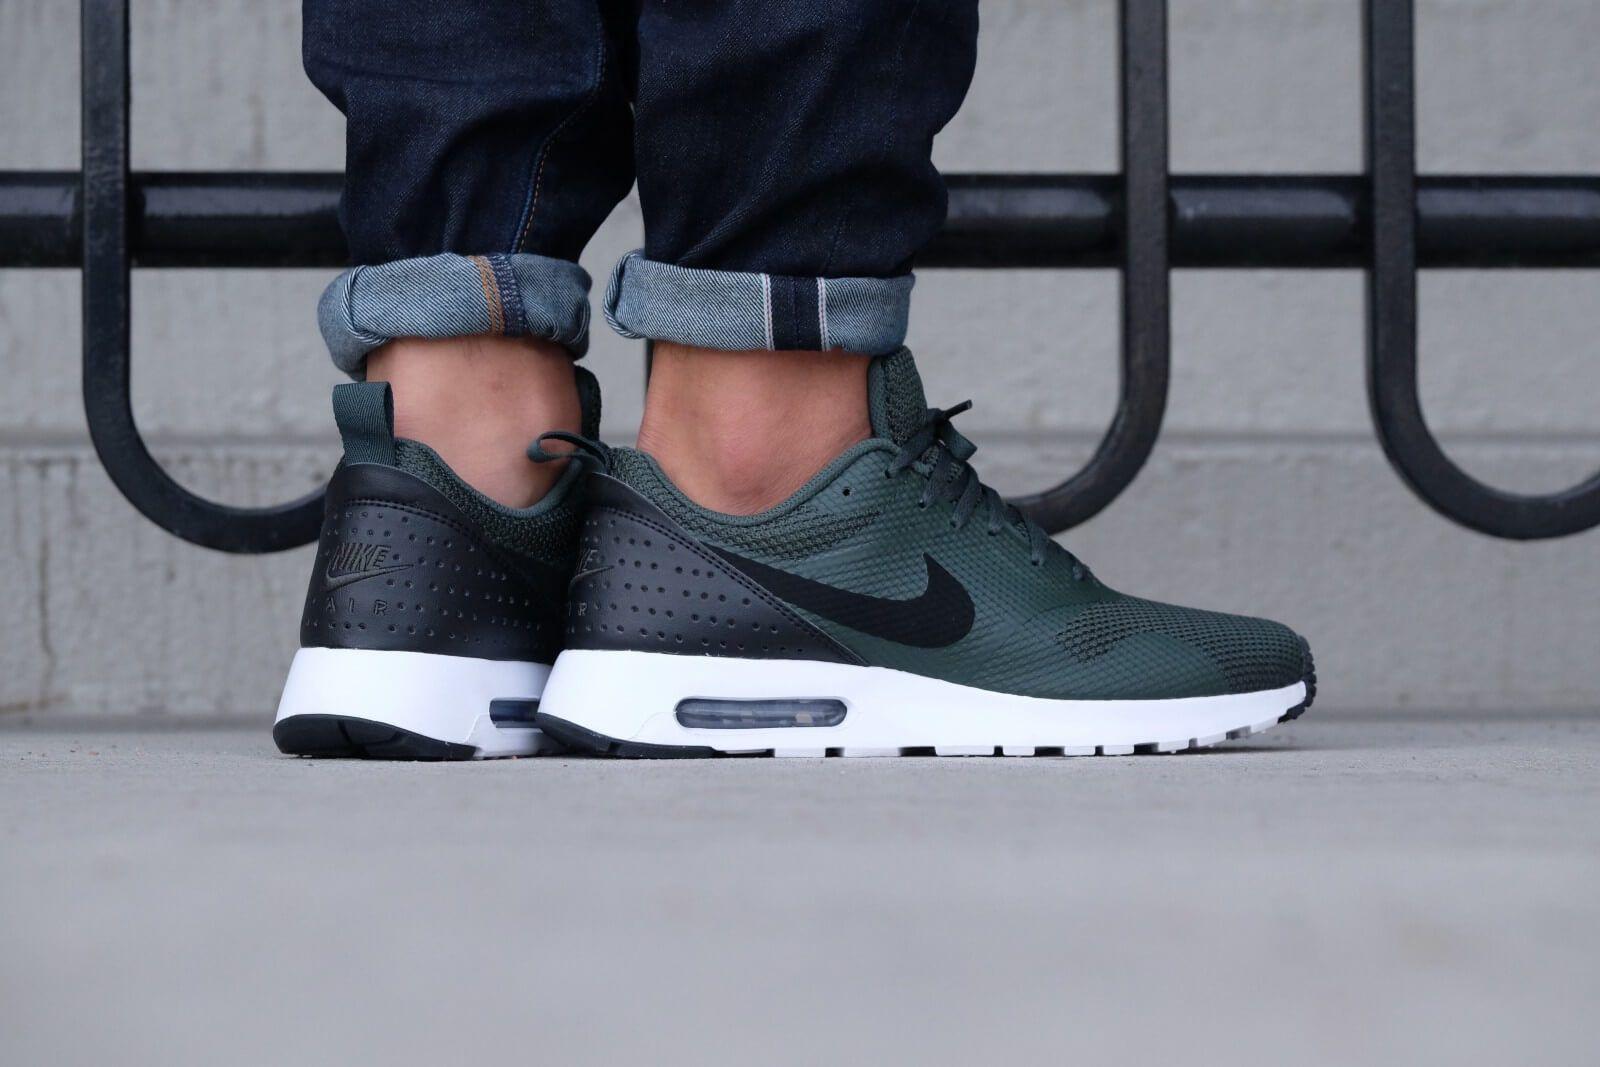 Nike Air Max Tavas Grove Green Black White 705149 305